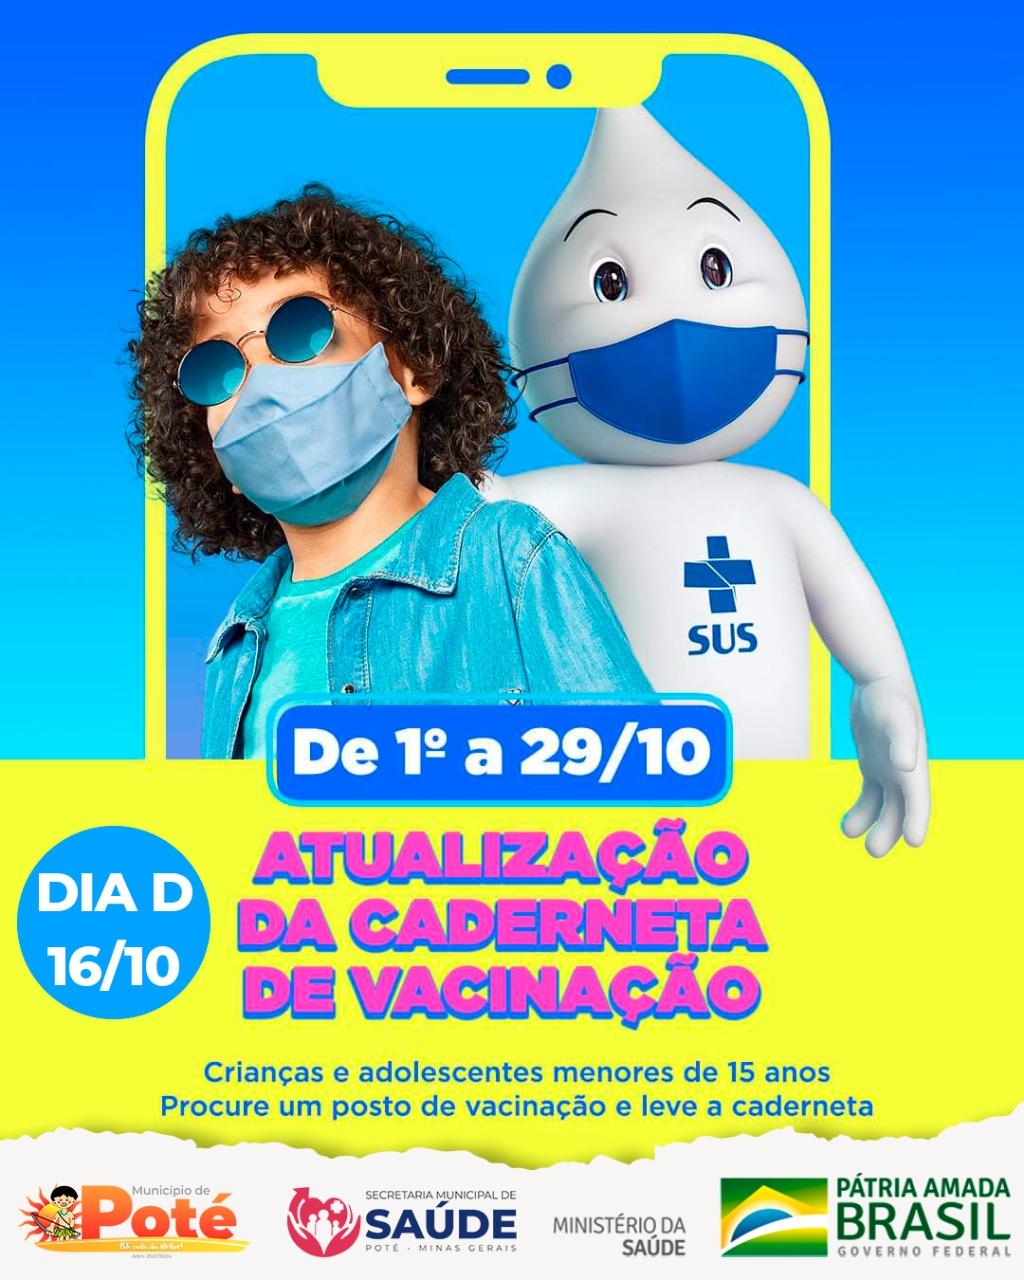 ATUALIZAÇÃO DA CADERNETA DE VACINAÇÃO DE 01 A 29/10